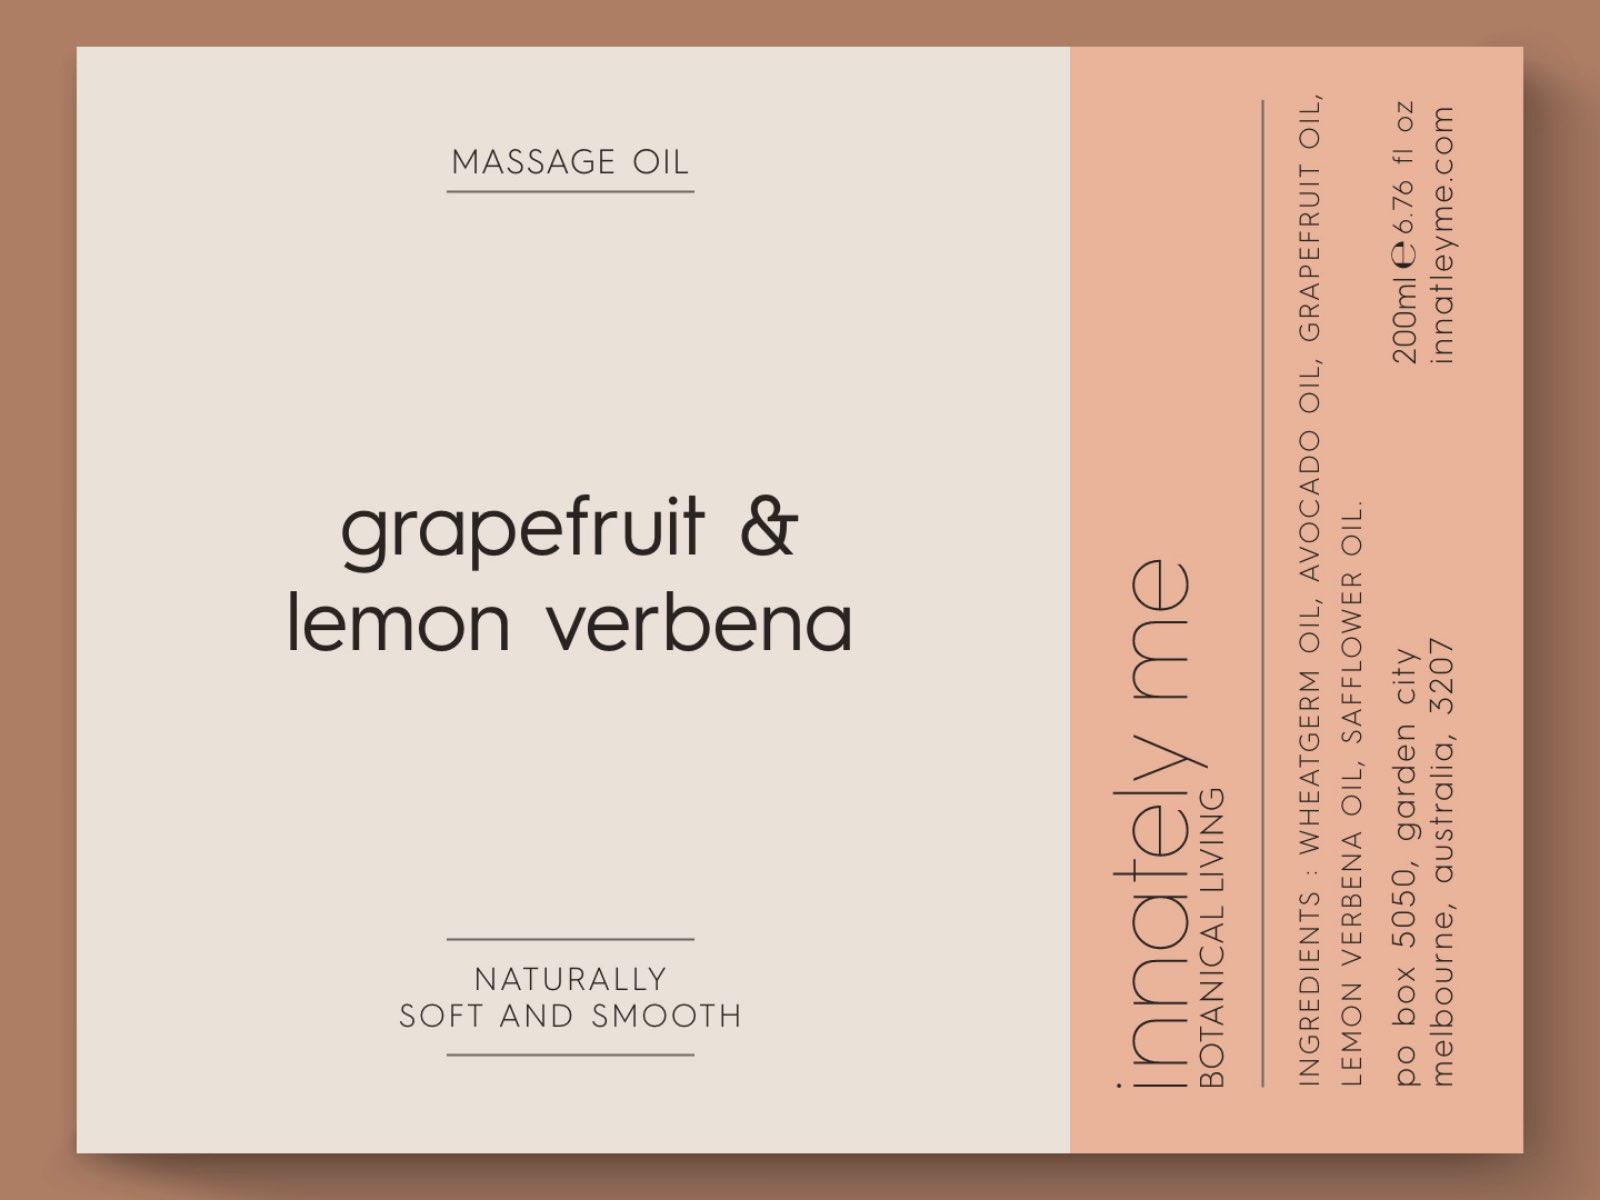 grapefruit lemon verbena label design